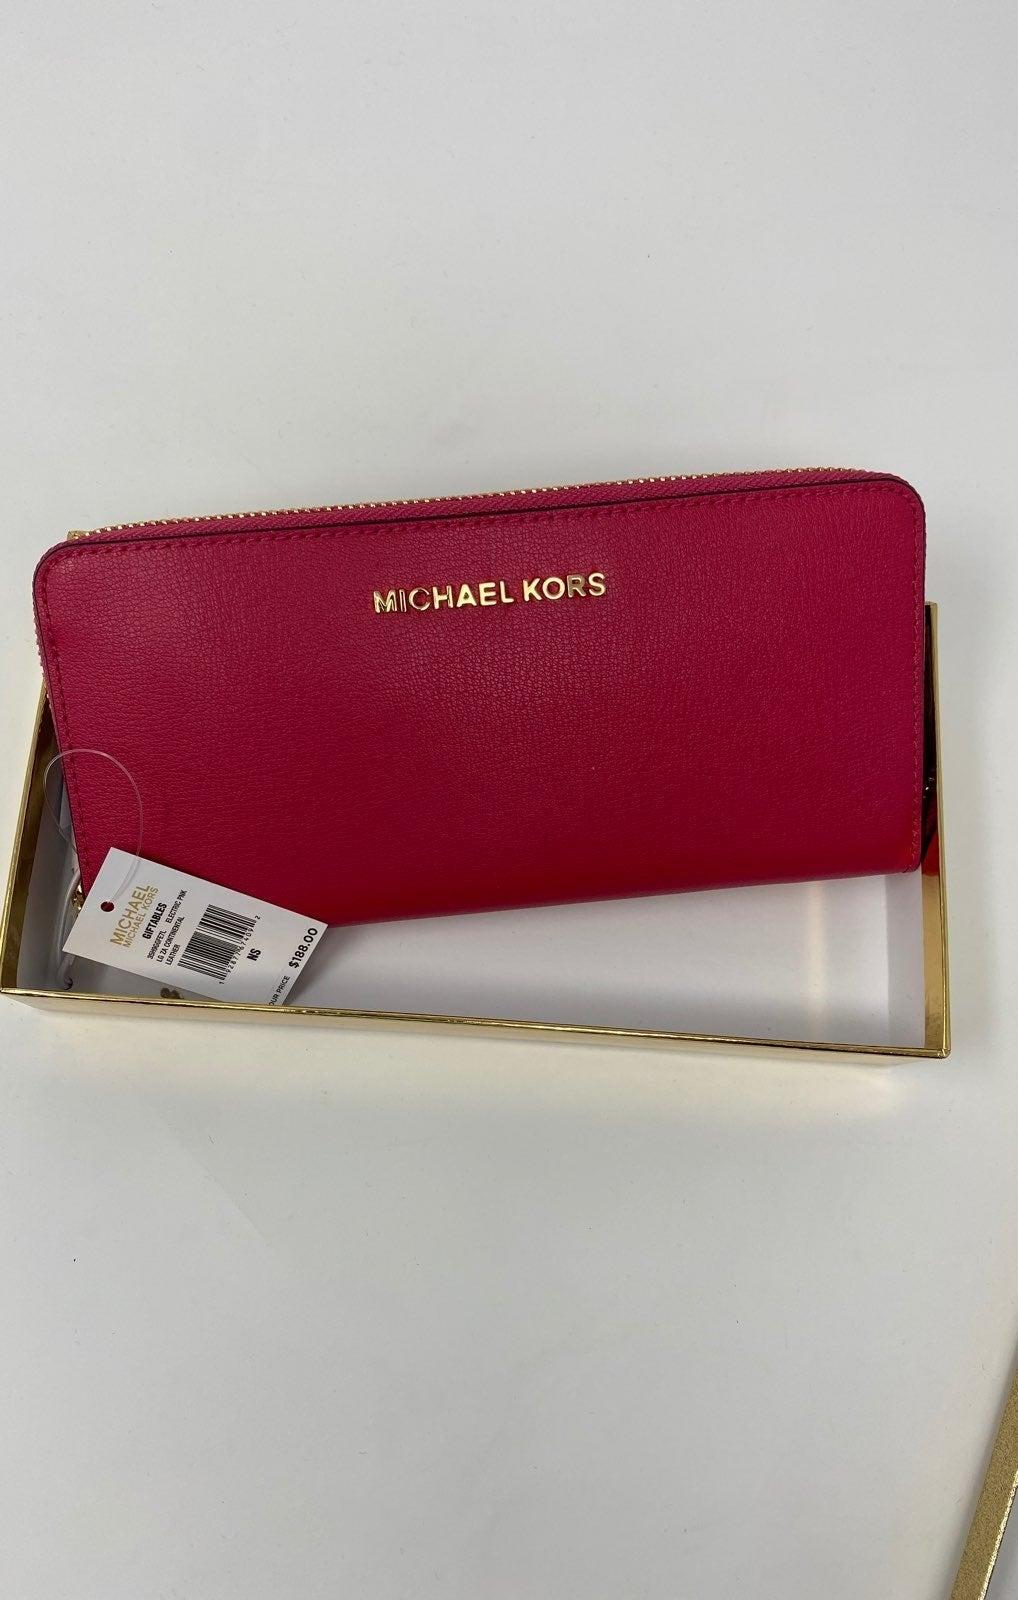 Michael Kors Women's Pink Wallet